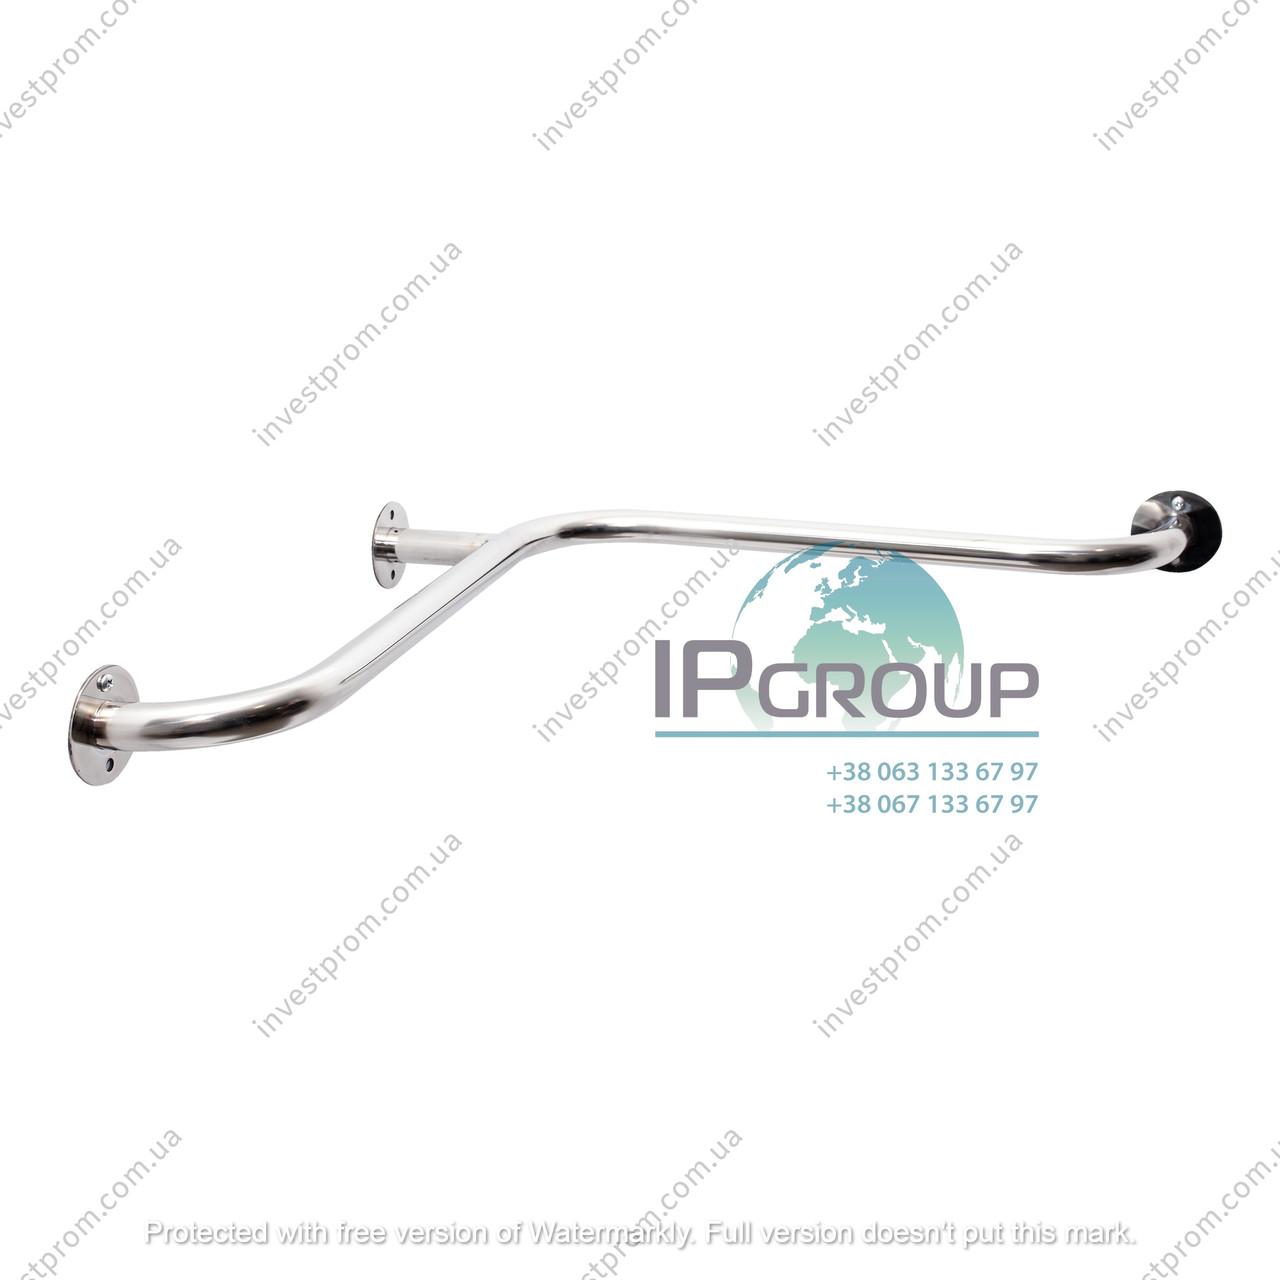 Поручни настенные для инвалидов угловые, внутренние, ручка ∅32 мм, нержавеющая сталь.